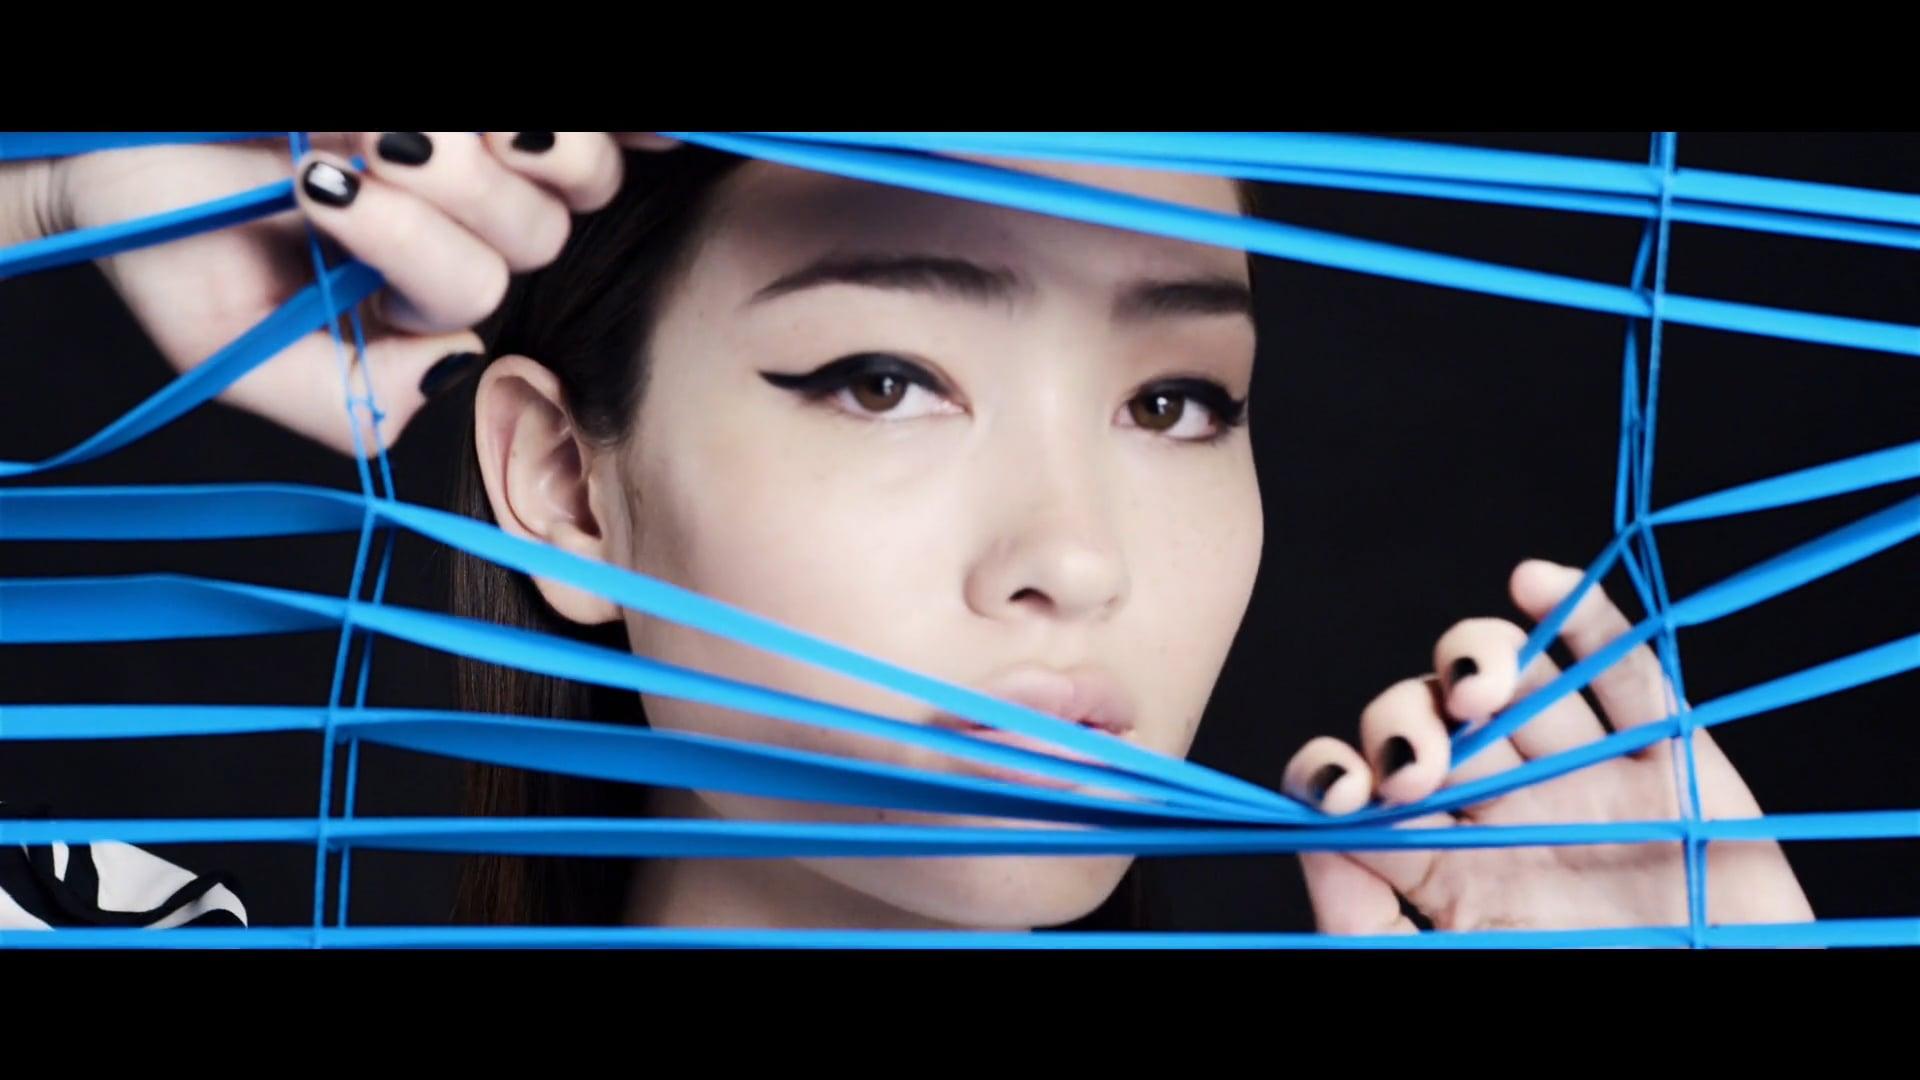 She Wolf - Ji Won Choi